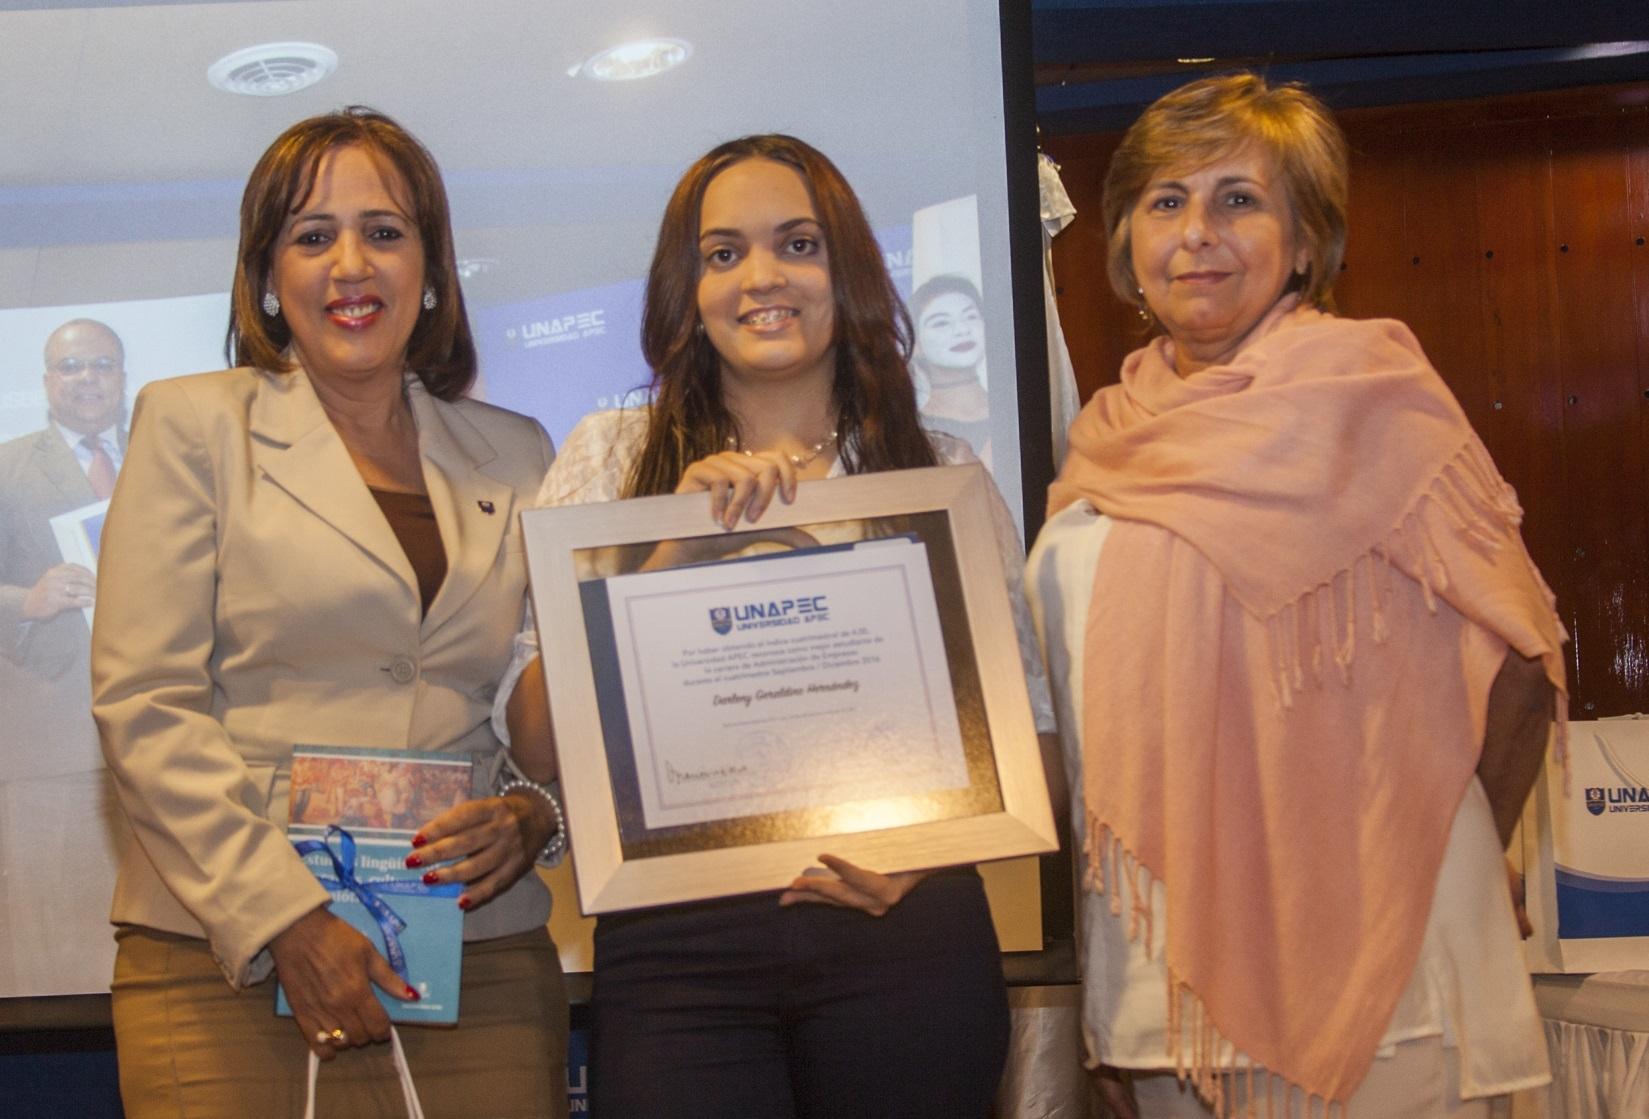 Directorio Nombres de Empresas en República Dominicana